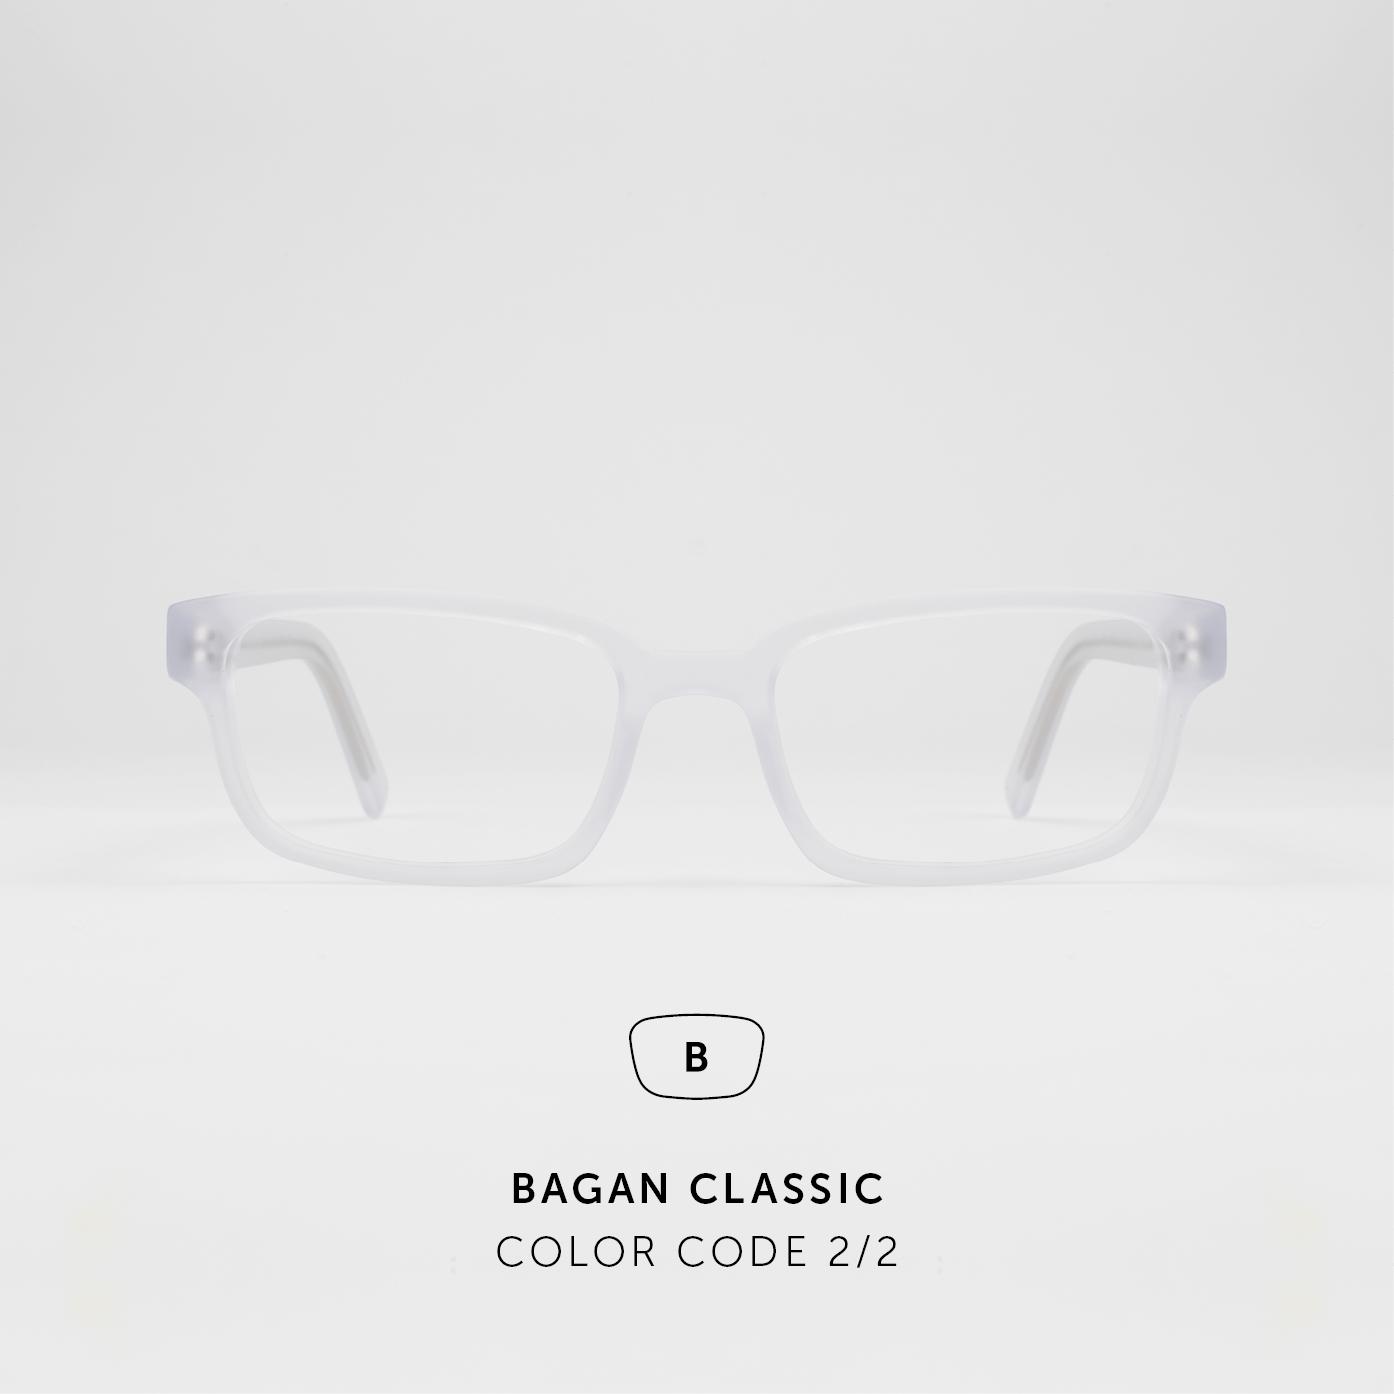 BaganClassic13.jpg